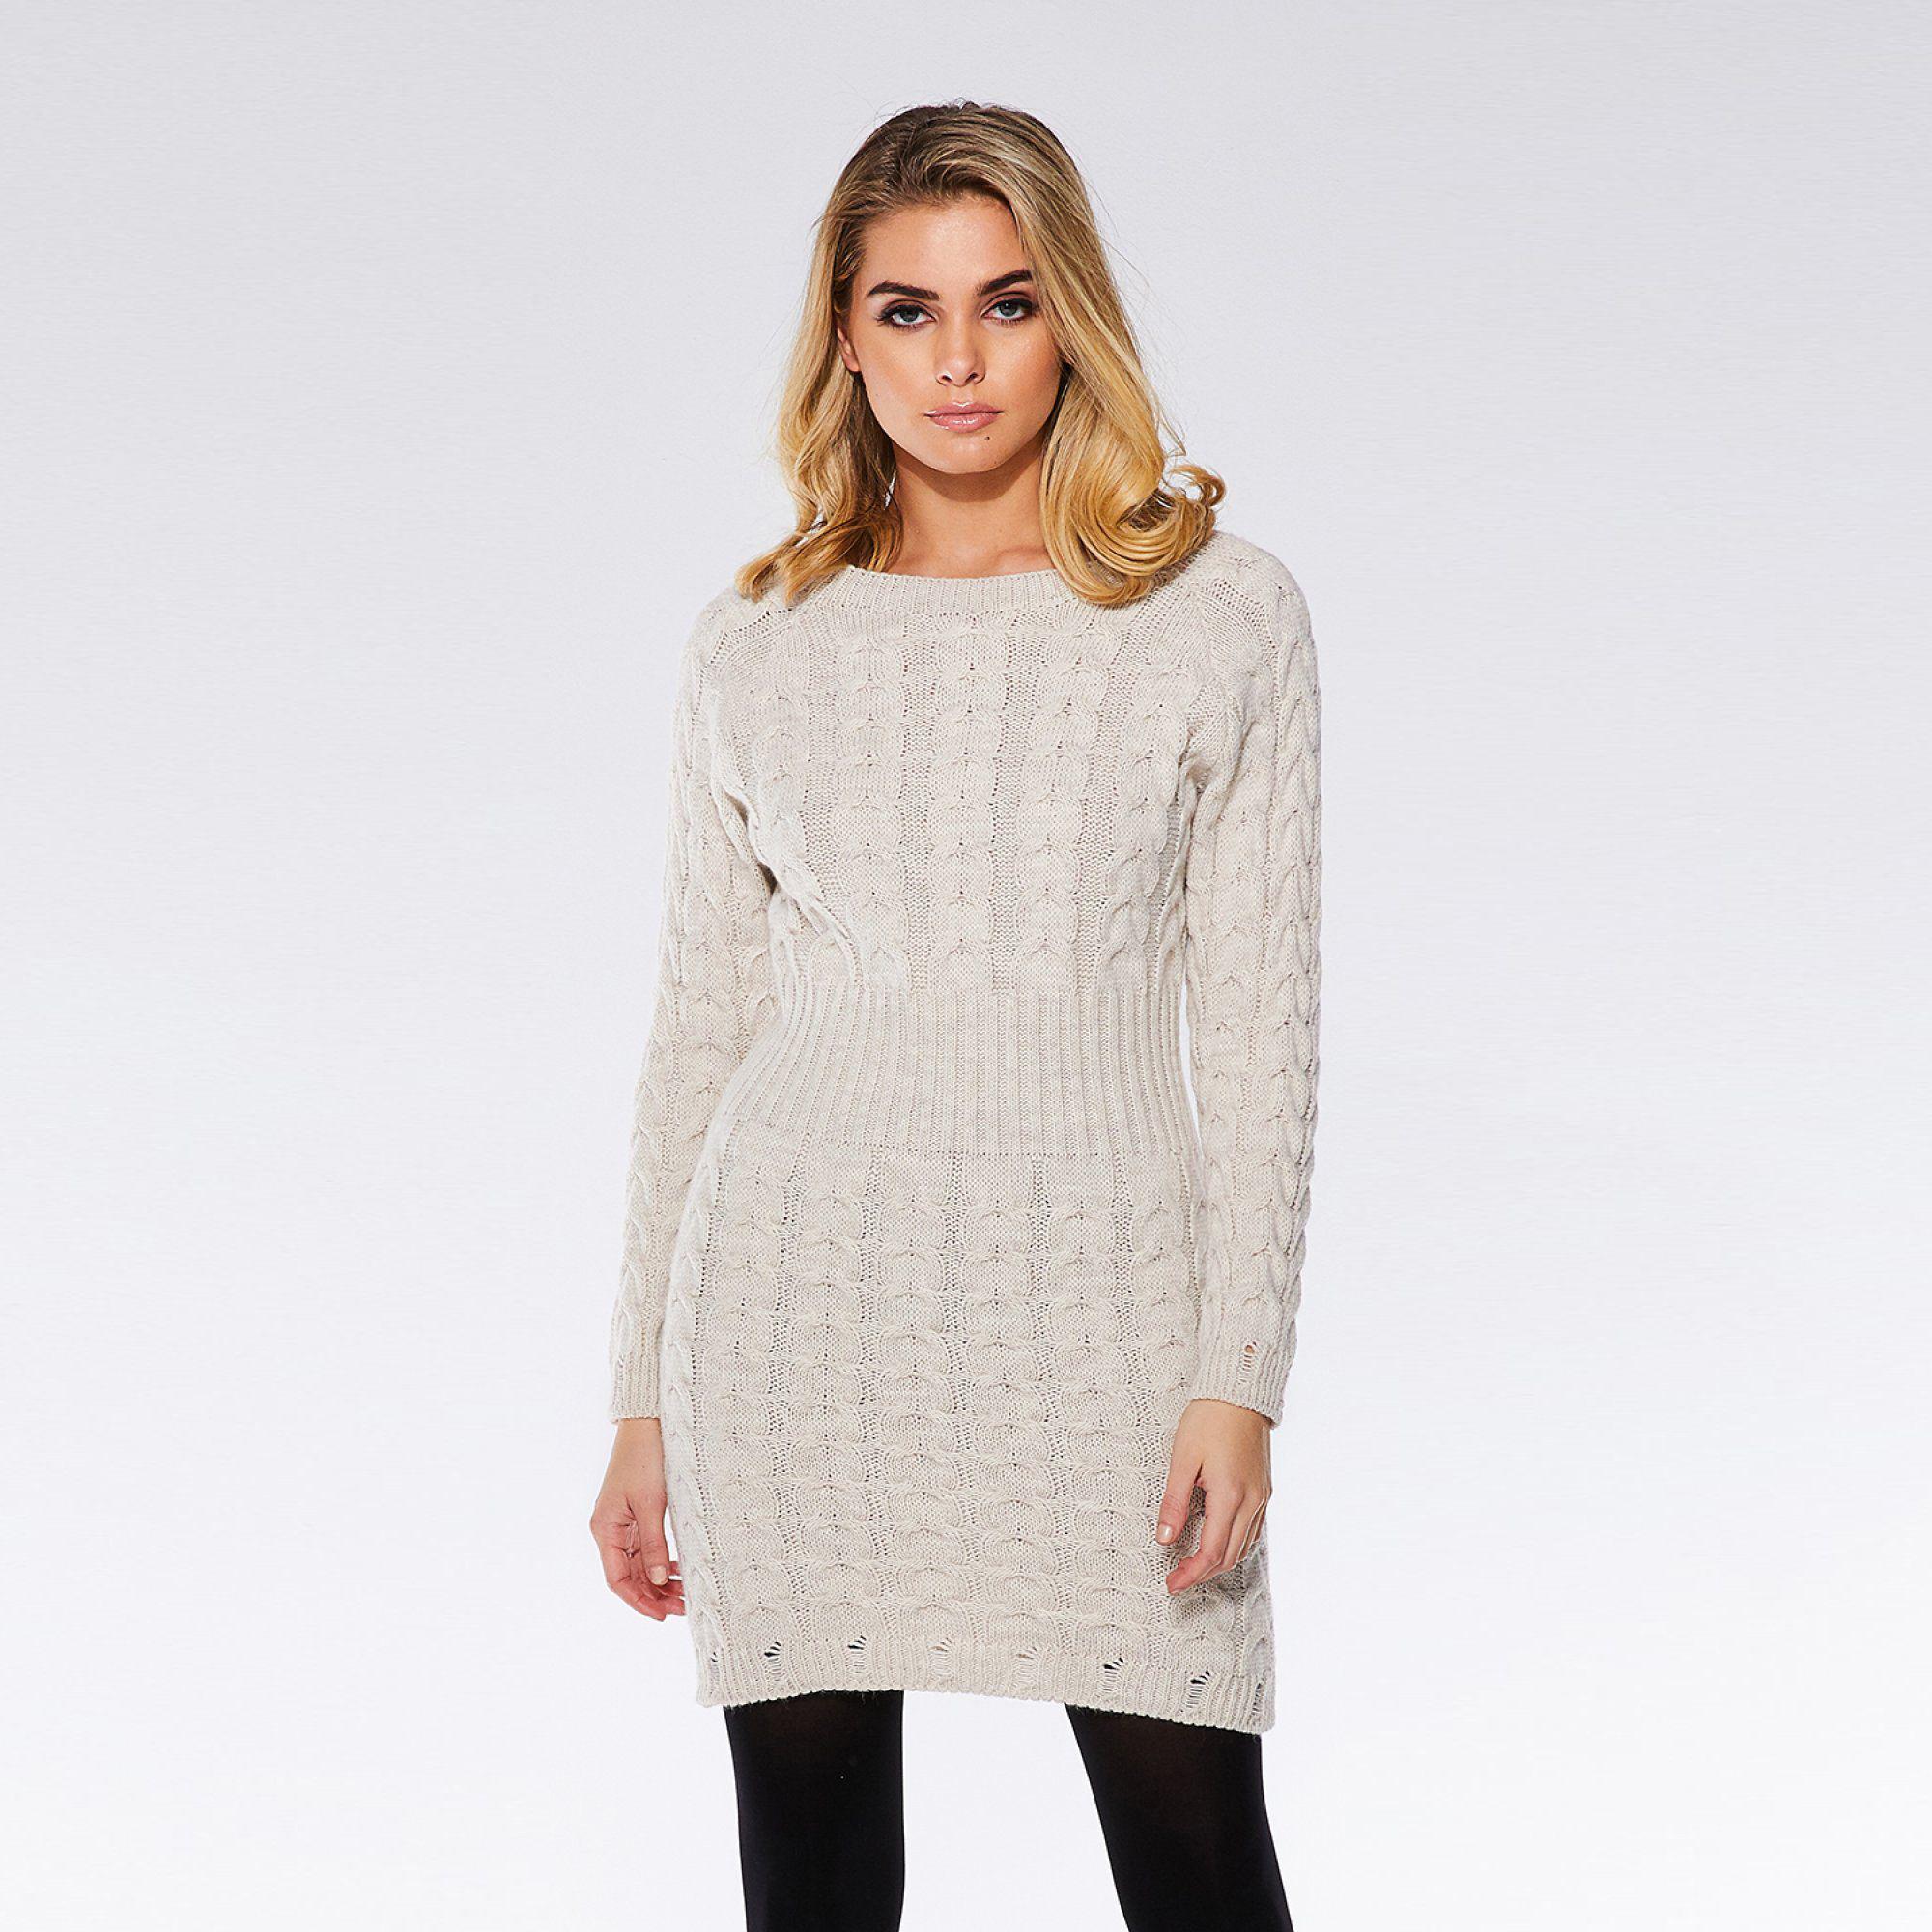 2d412ec59ea0 Quiz Oatmeal Knit Cable Design Jumper Dress in Natural - Lyst